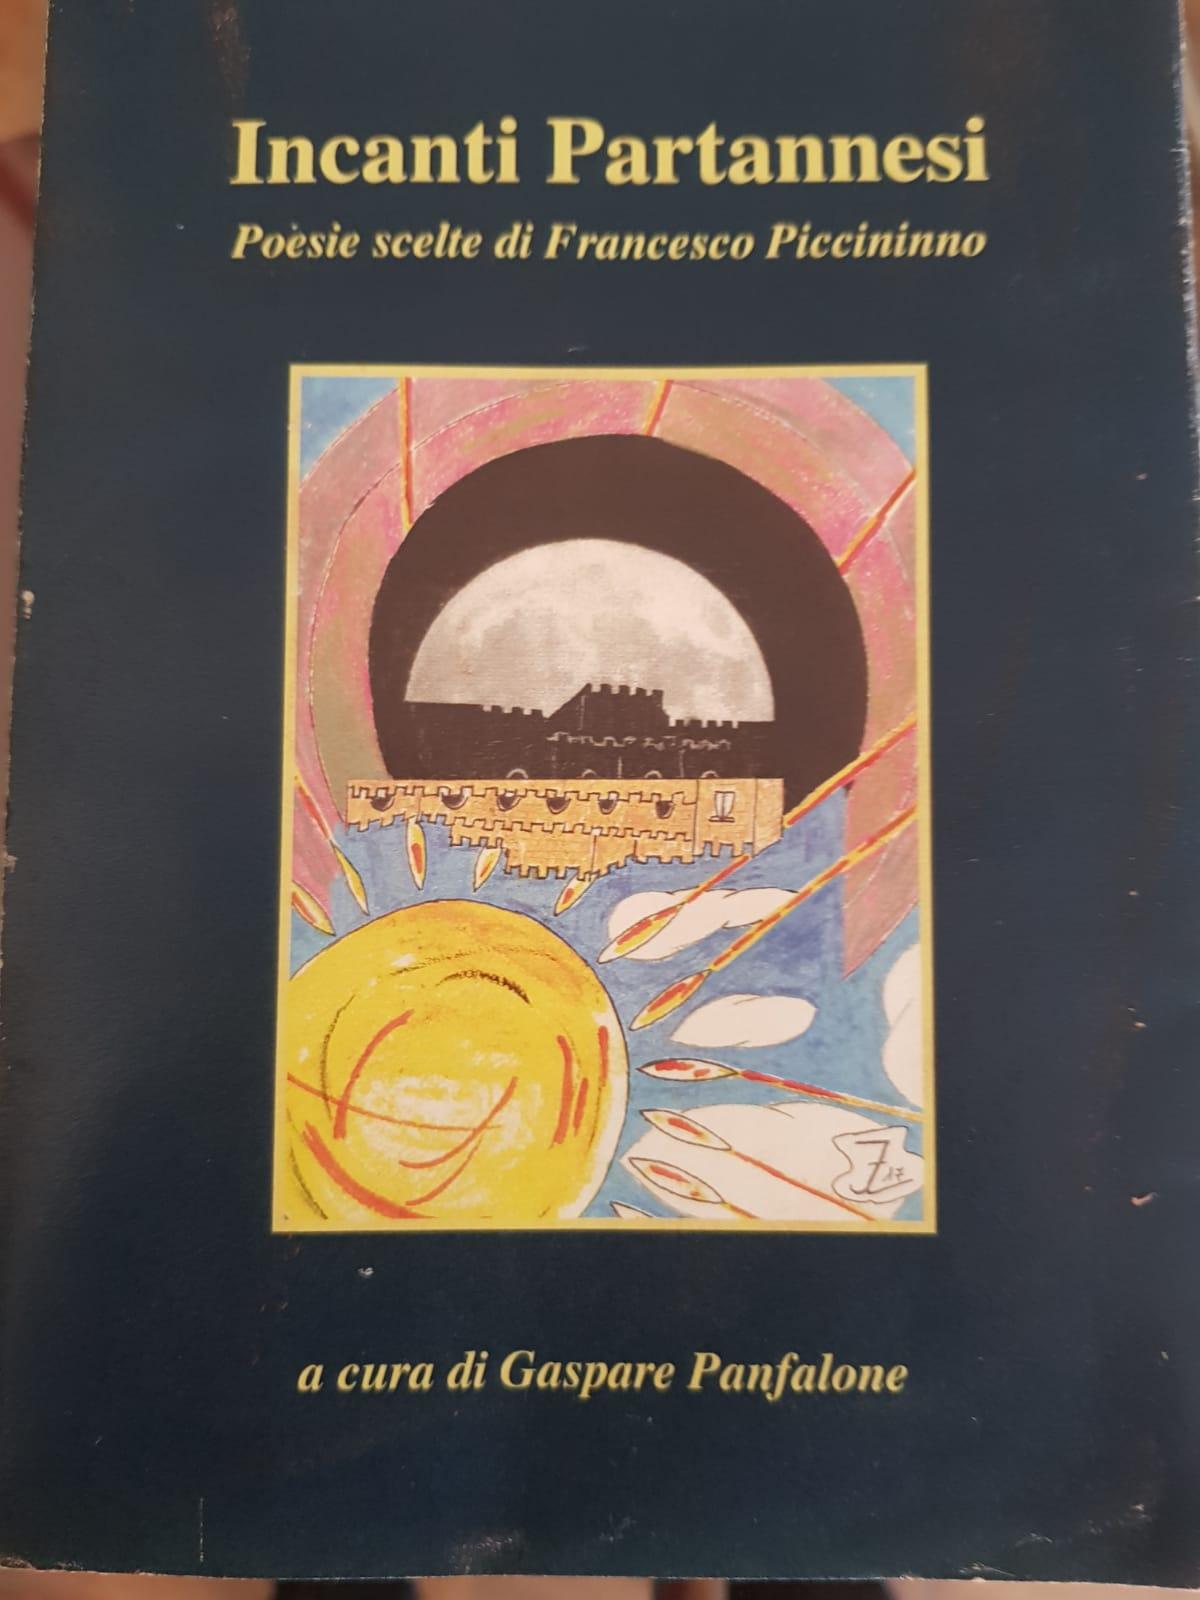 Lettera v di francesco piccininno tratto da incanti for Resoconto tratto da articoli di giornali